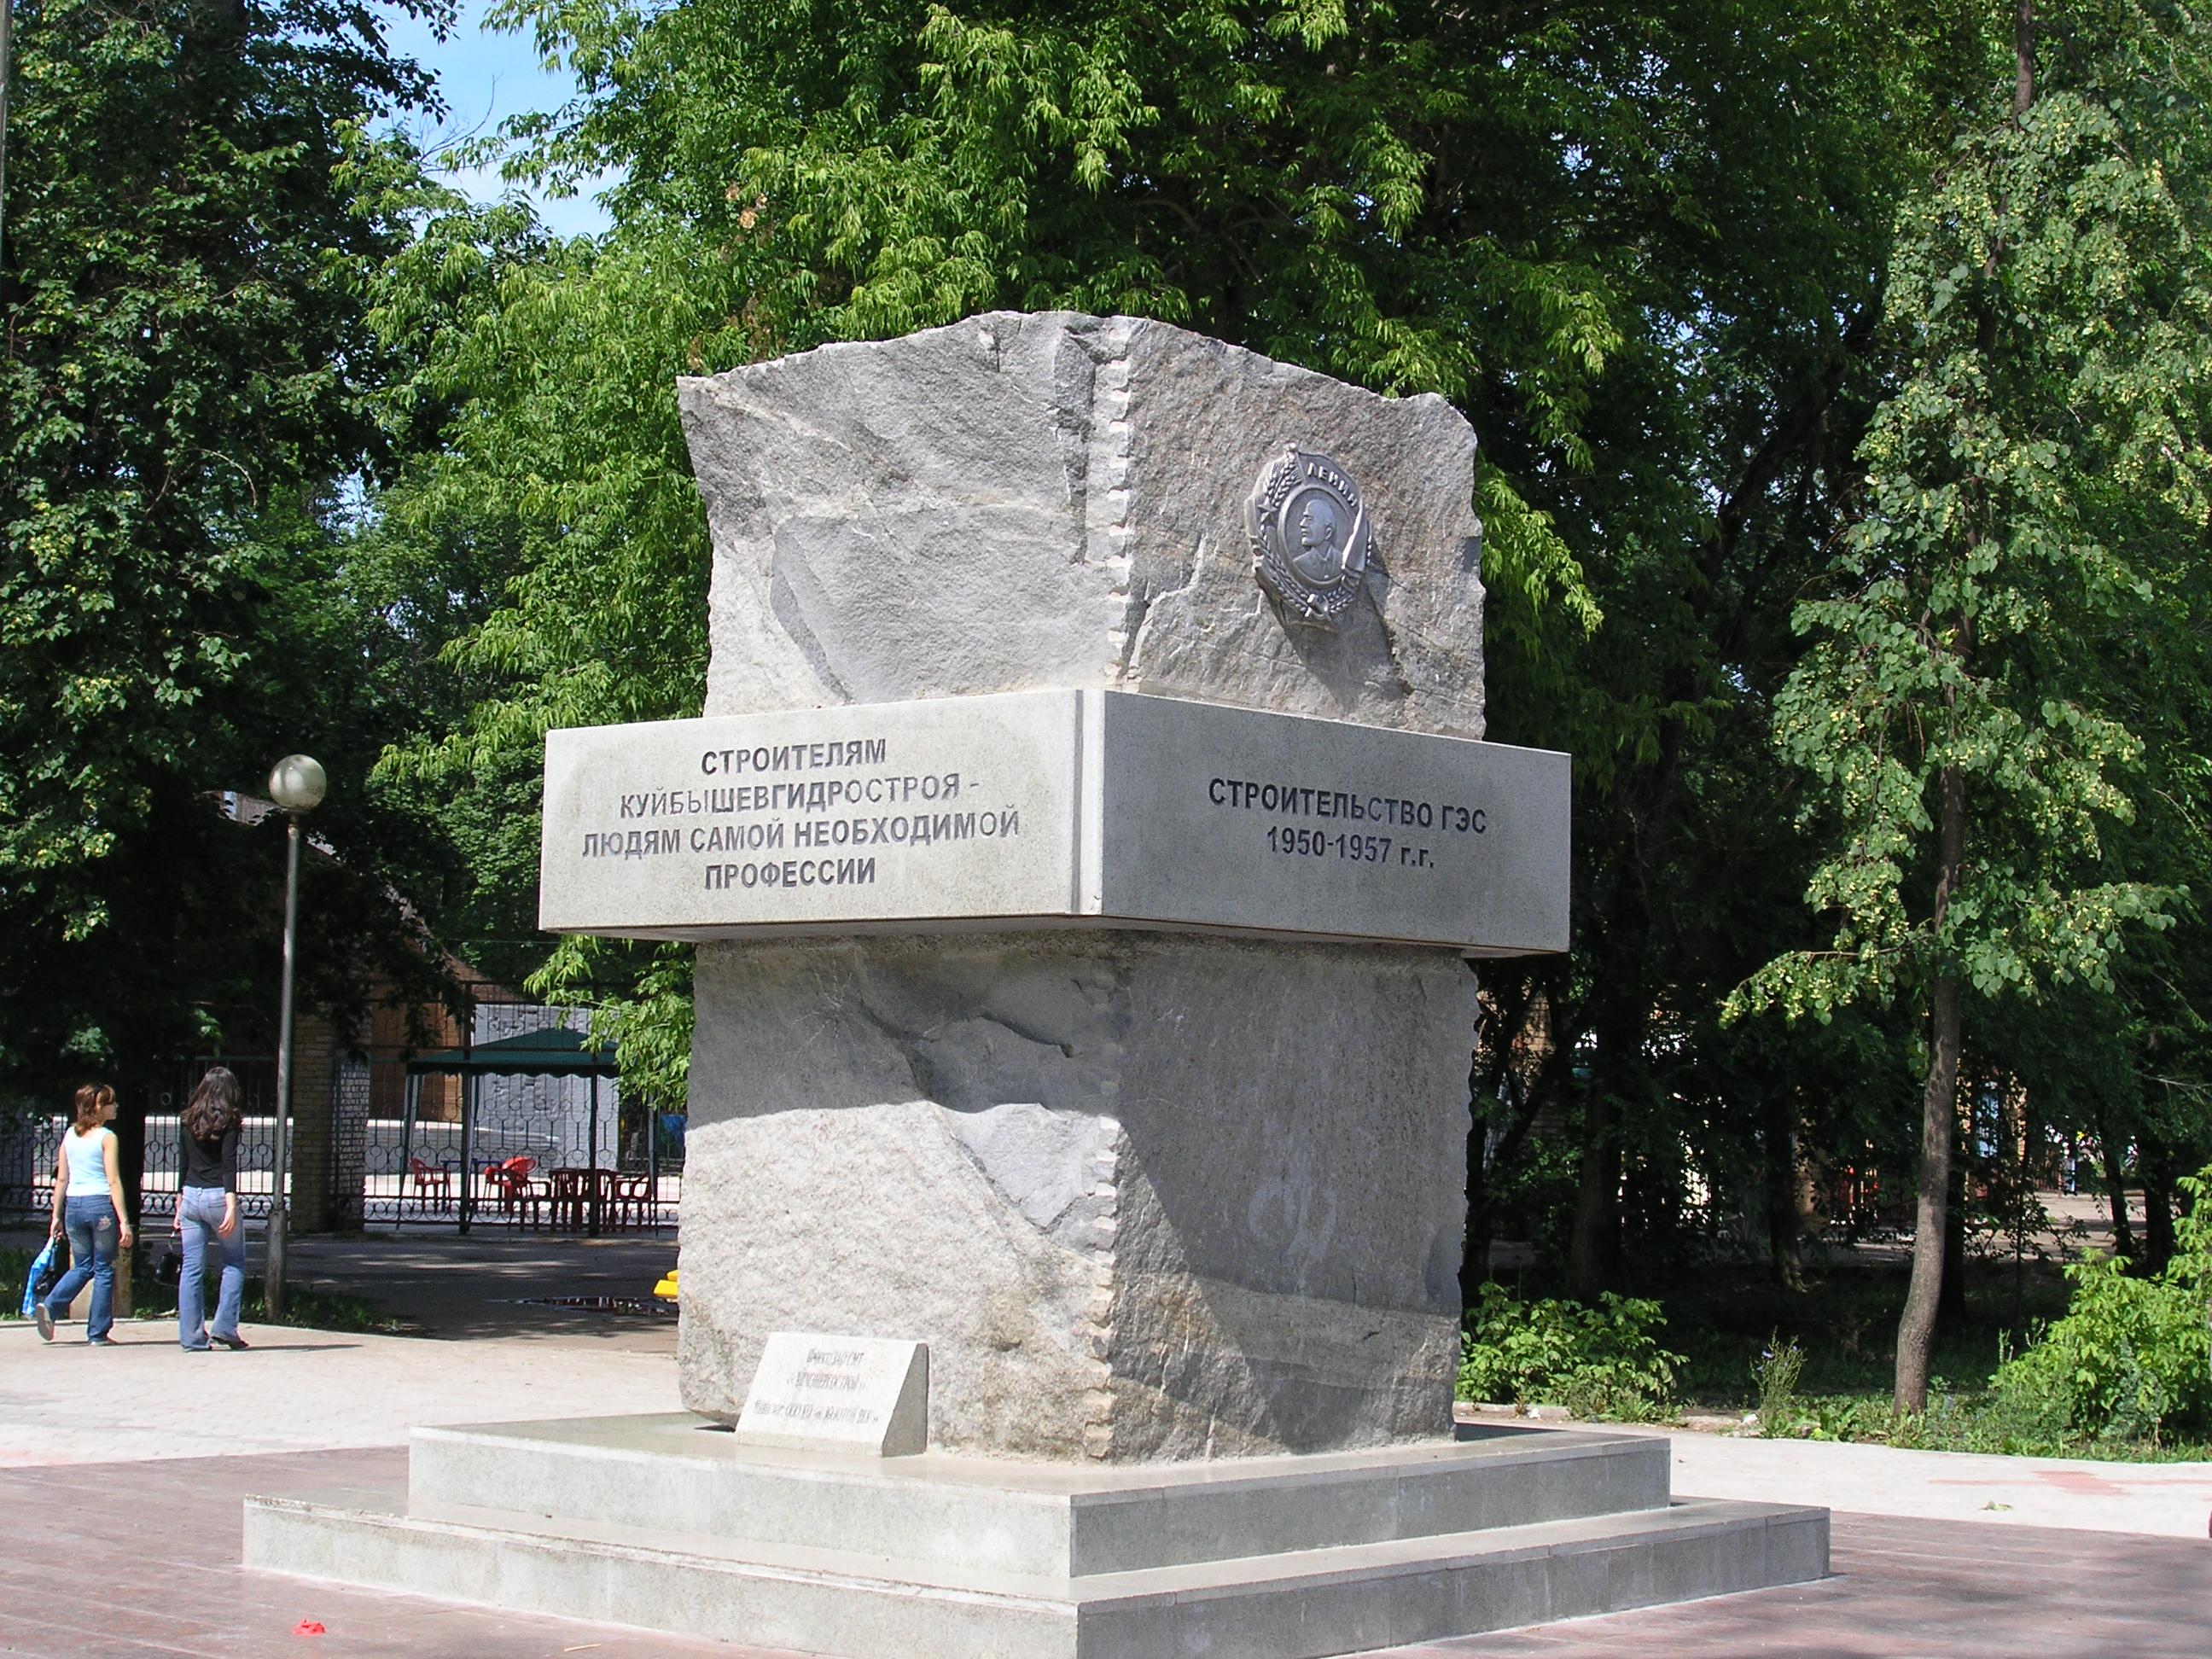 Виды гранита для памятников 4 Площадь Мужества памятник новотроицк купить